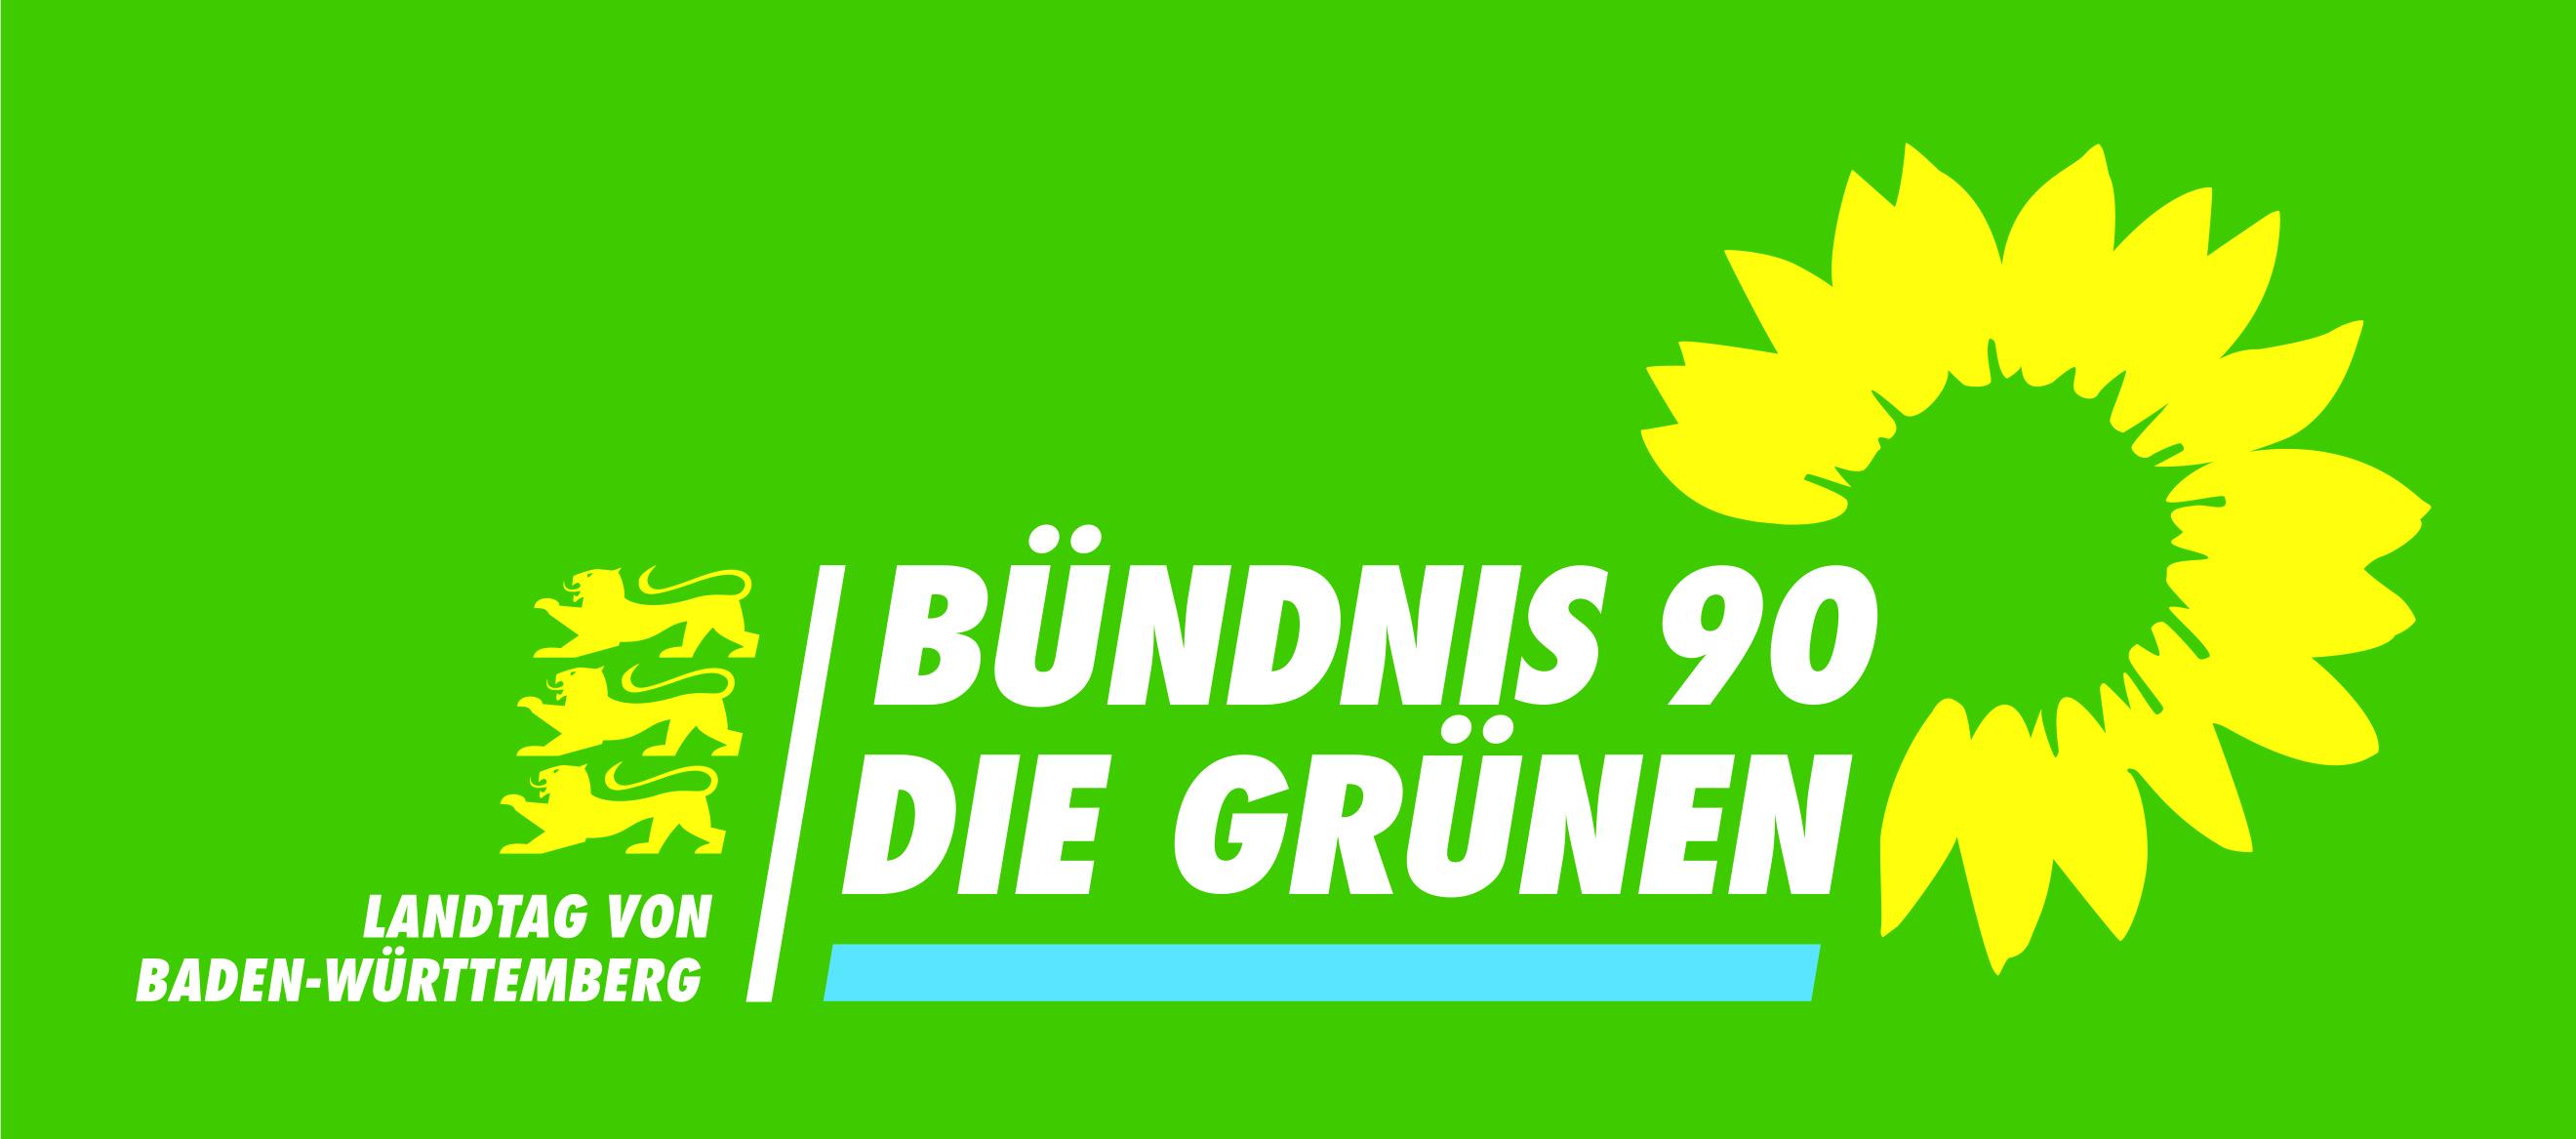 grünen baden württemberg